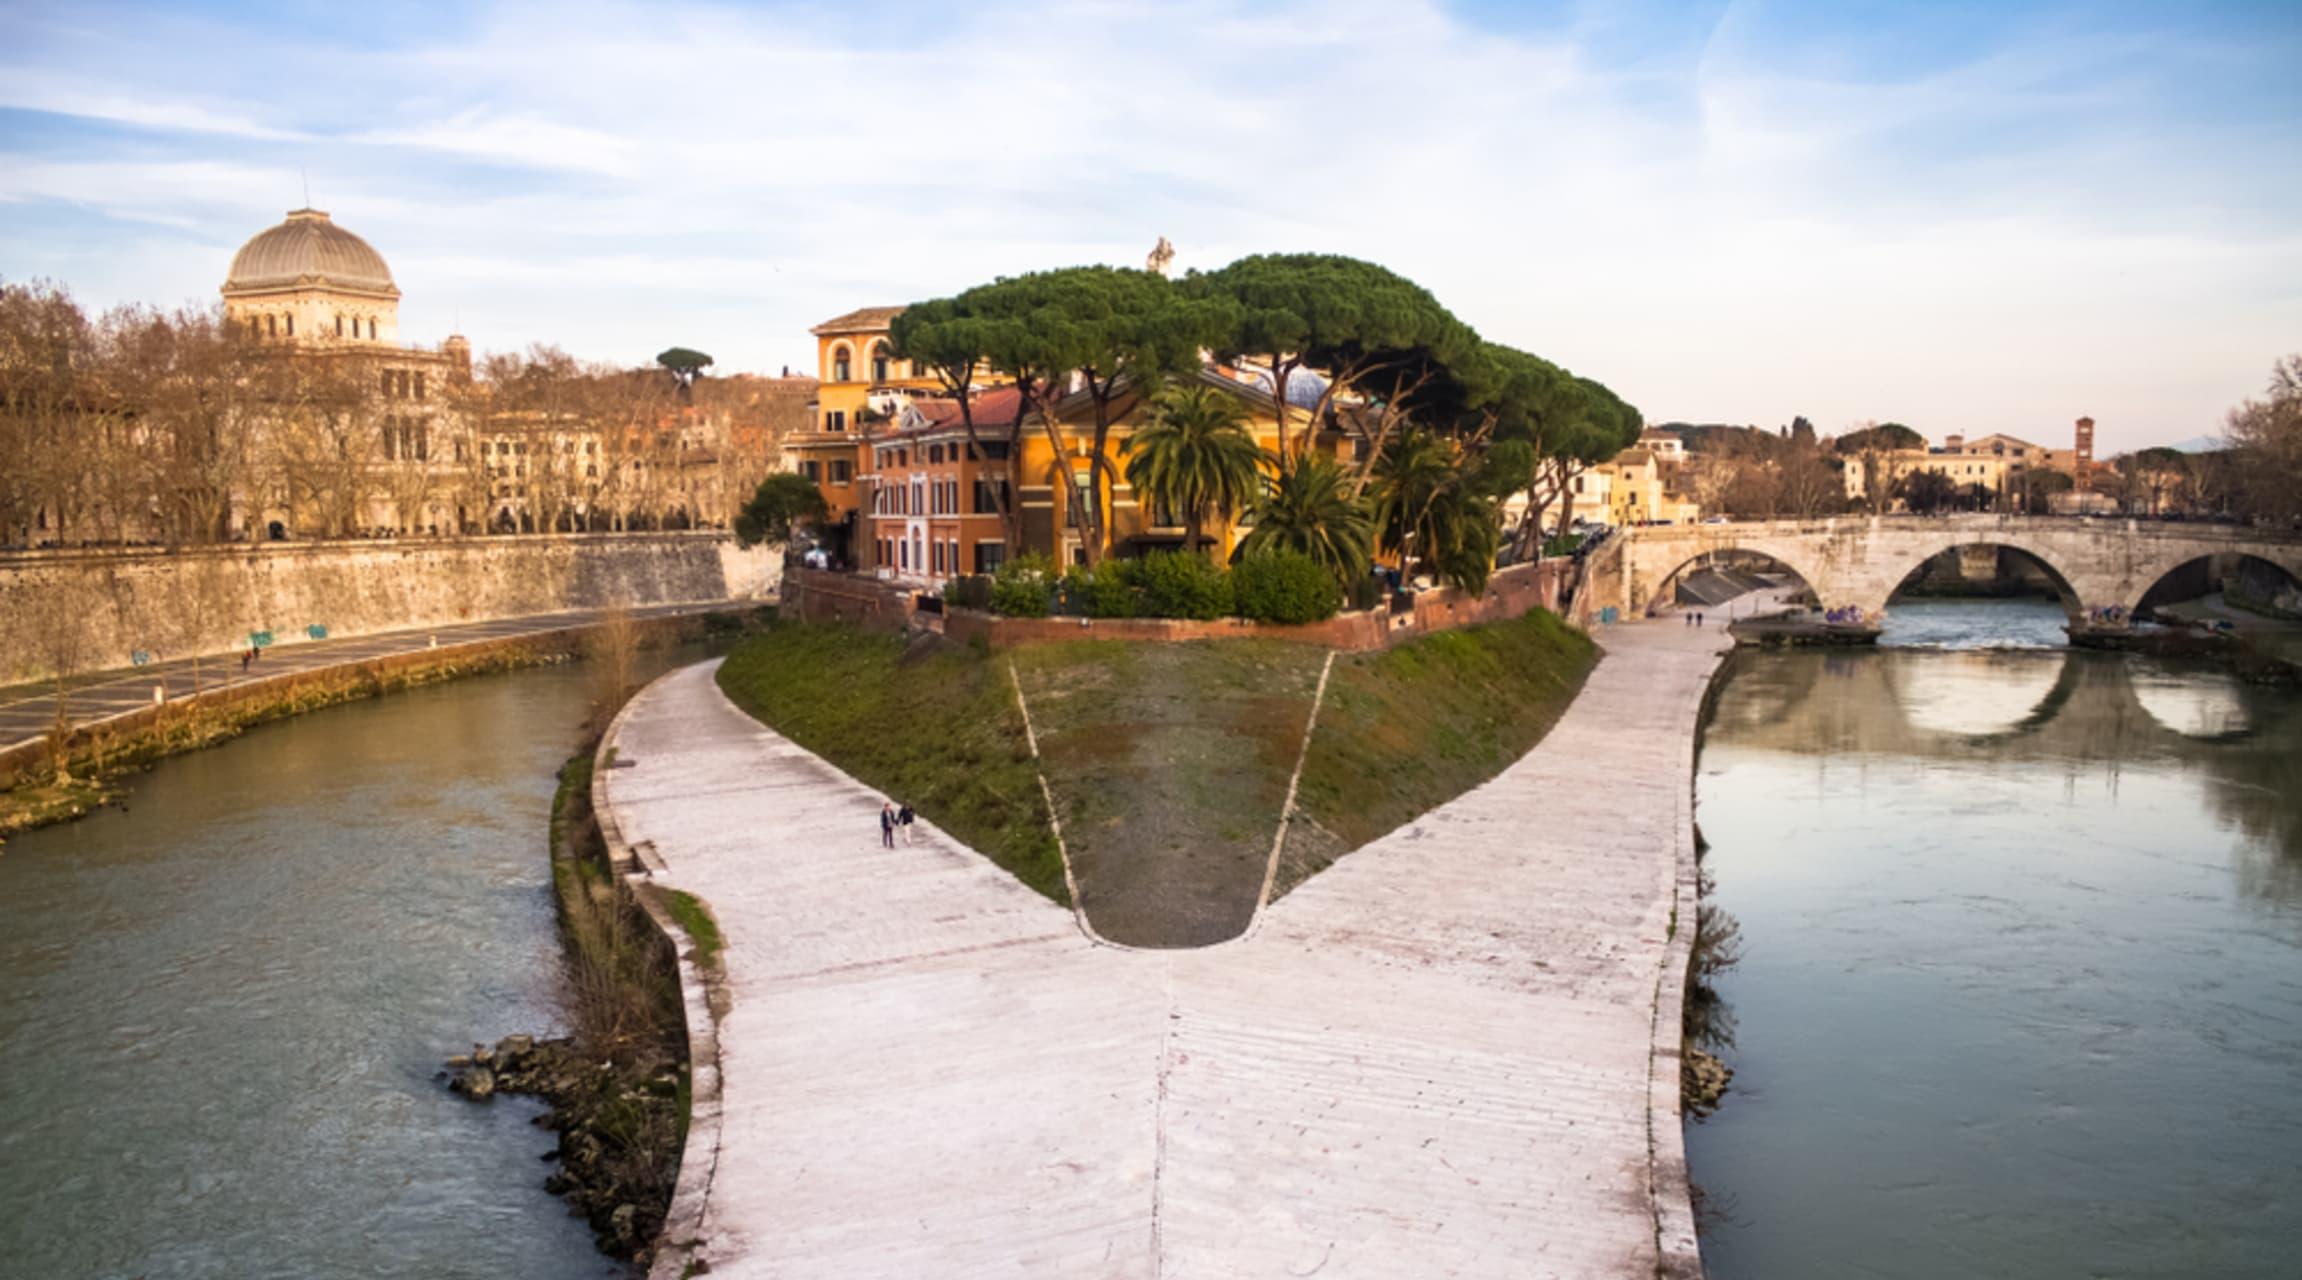 Rome - Roman Circuses and Tiber Island - Part I